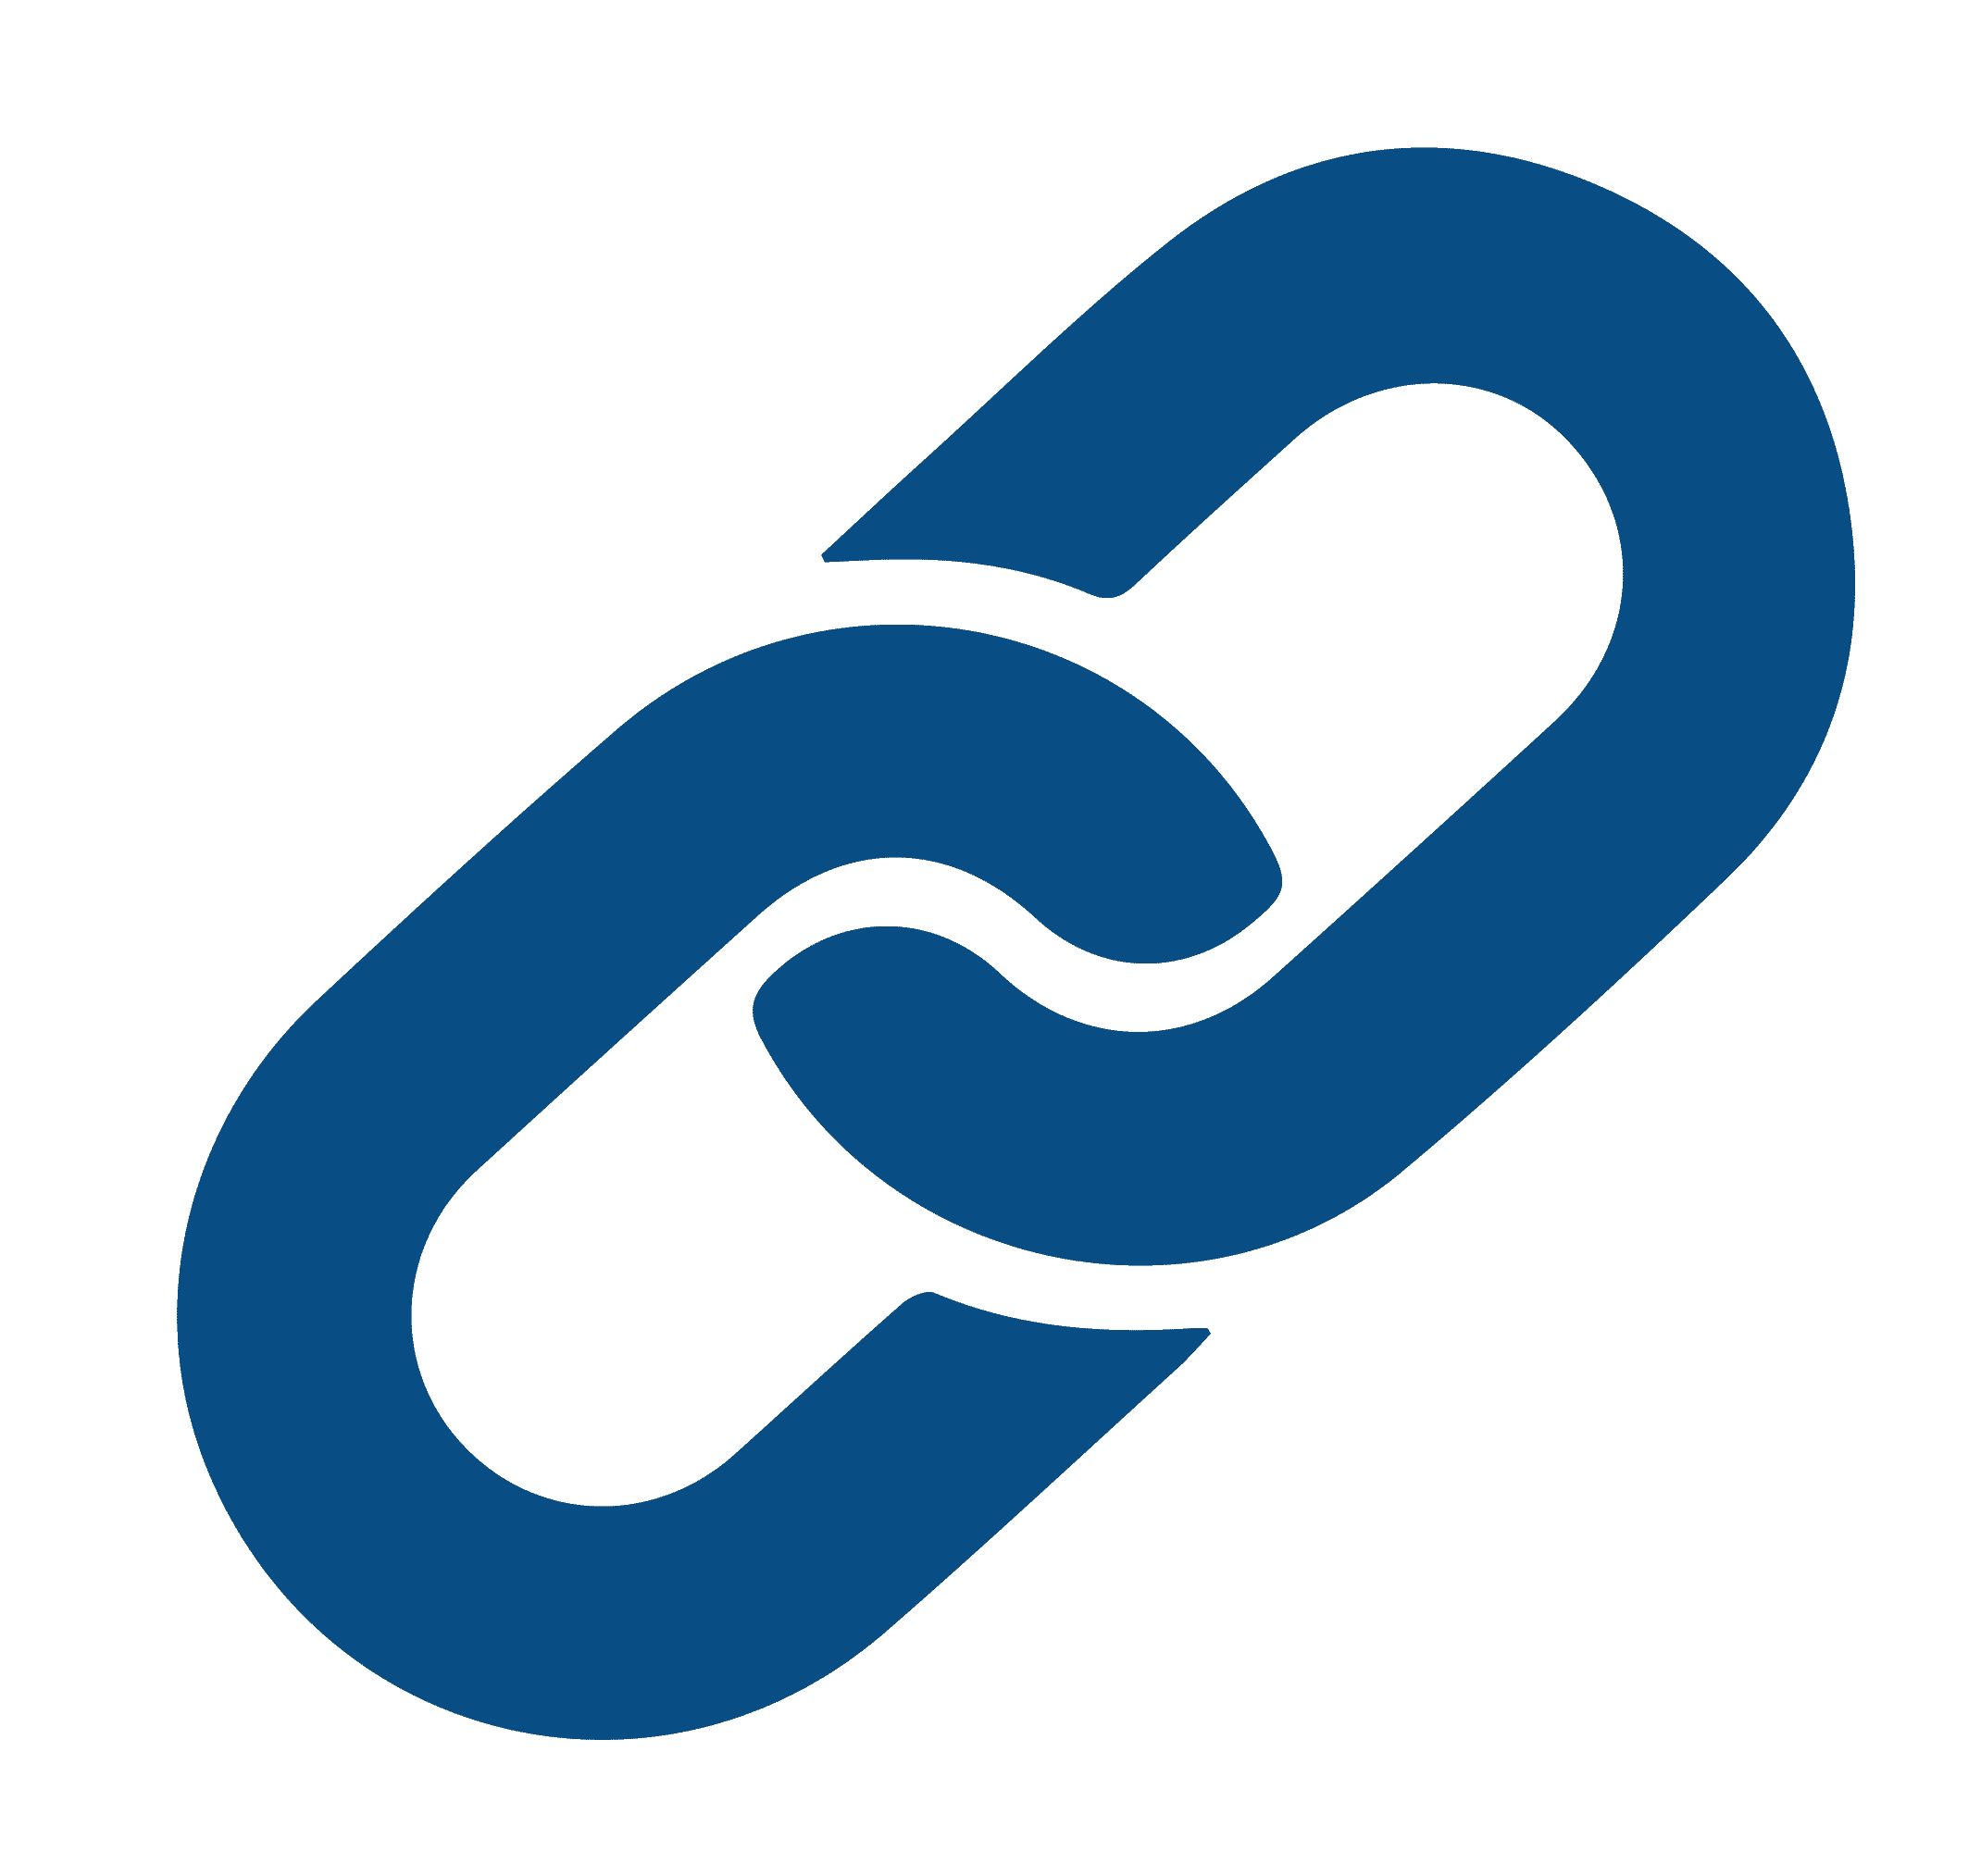 Icon ข้อดีรั้วตาข่ายถักปม ผลิตจากลวดแรงดึงสูง